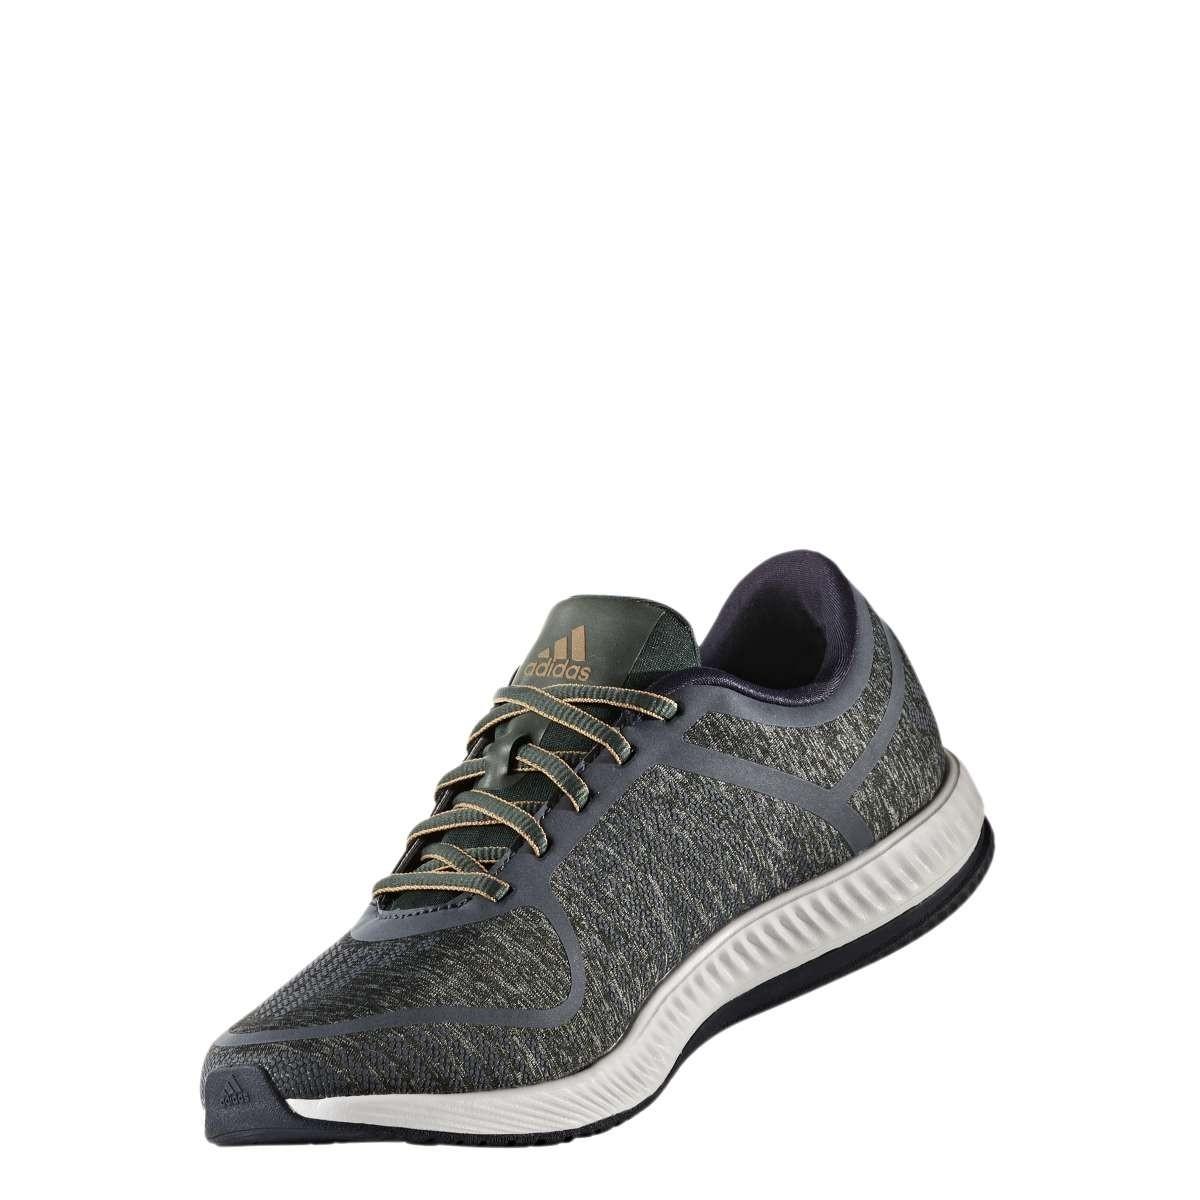 adidas Athletics B W - grnnit/tagome/legink